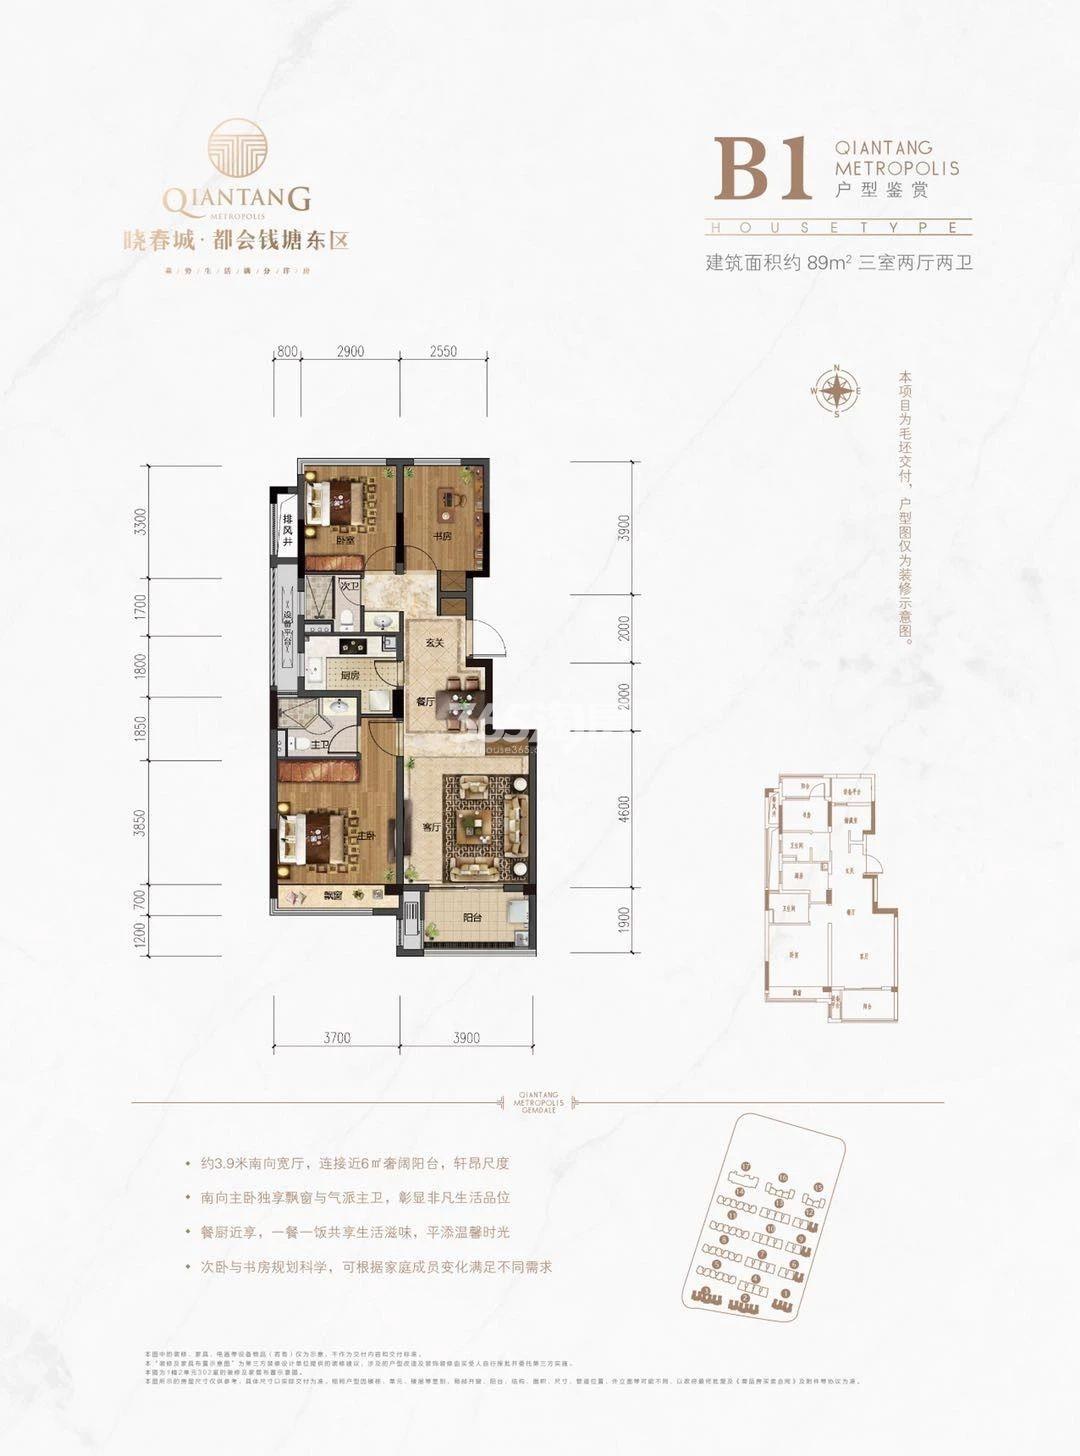 晓春城(都会钱塘东区)低密度多层B1户型约89㎡(1#2#3#,6#9#12#东边套)